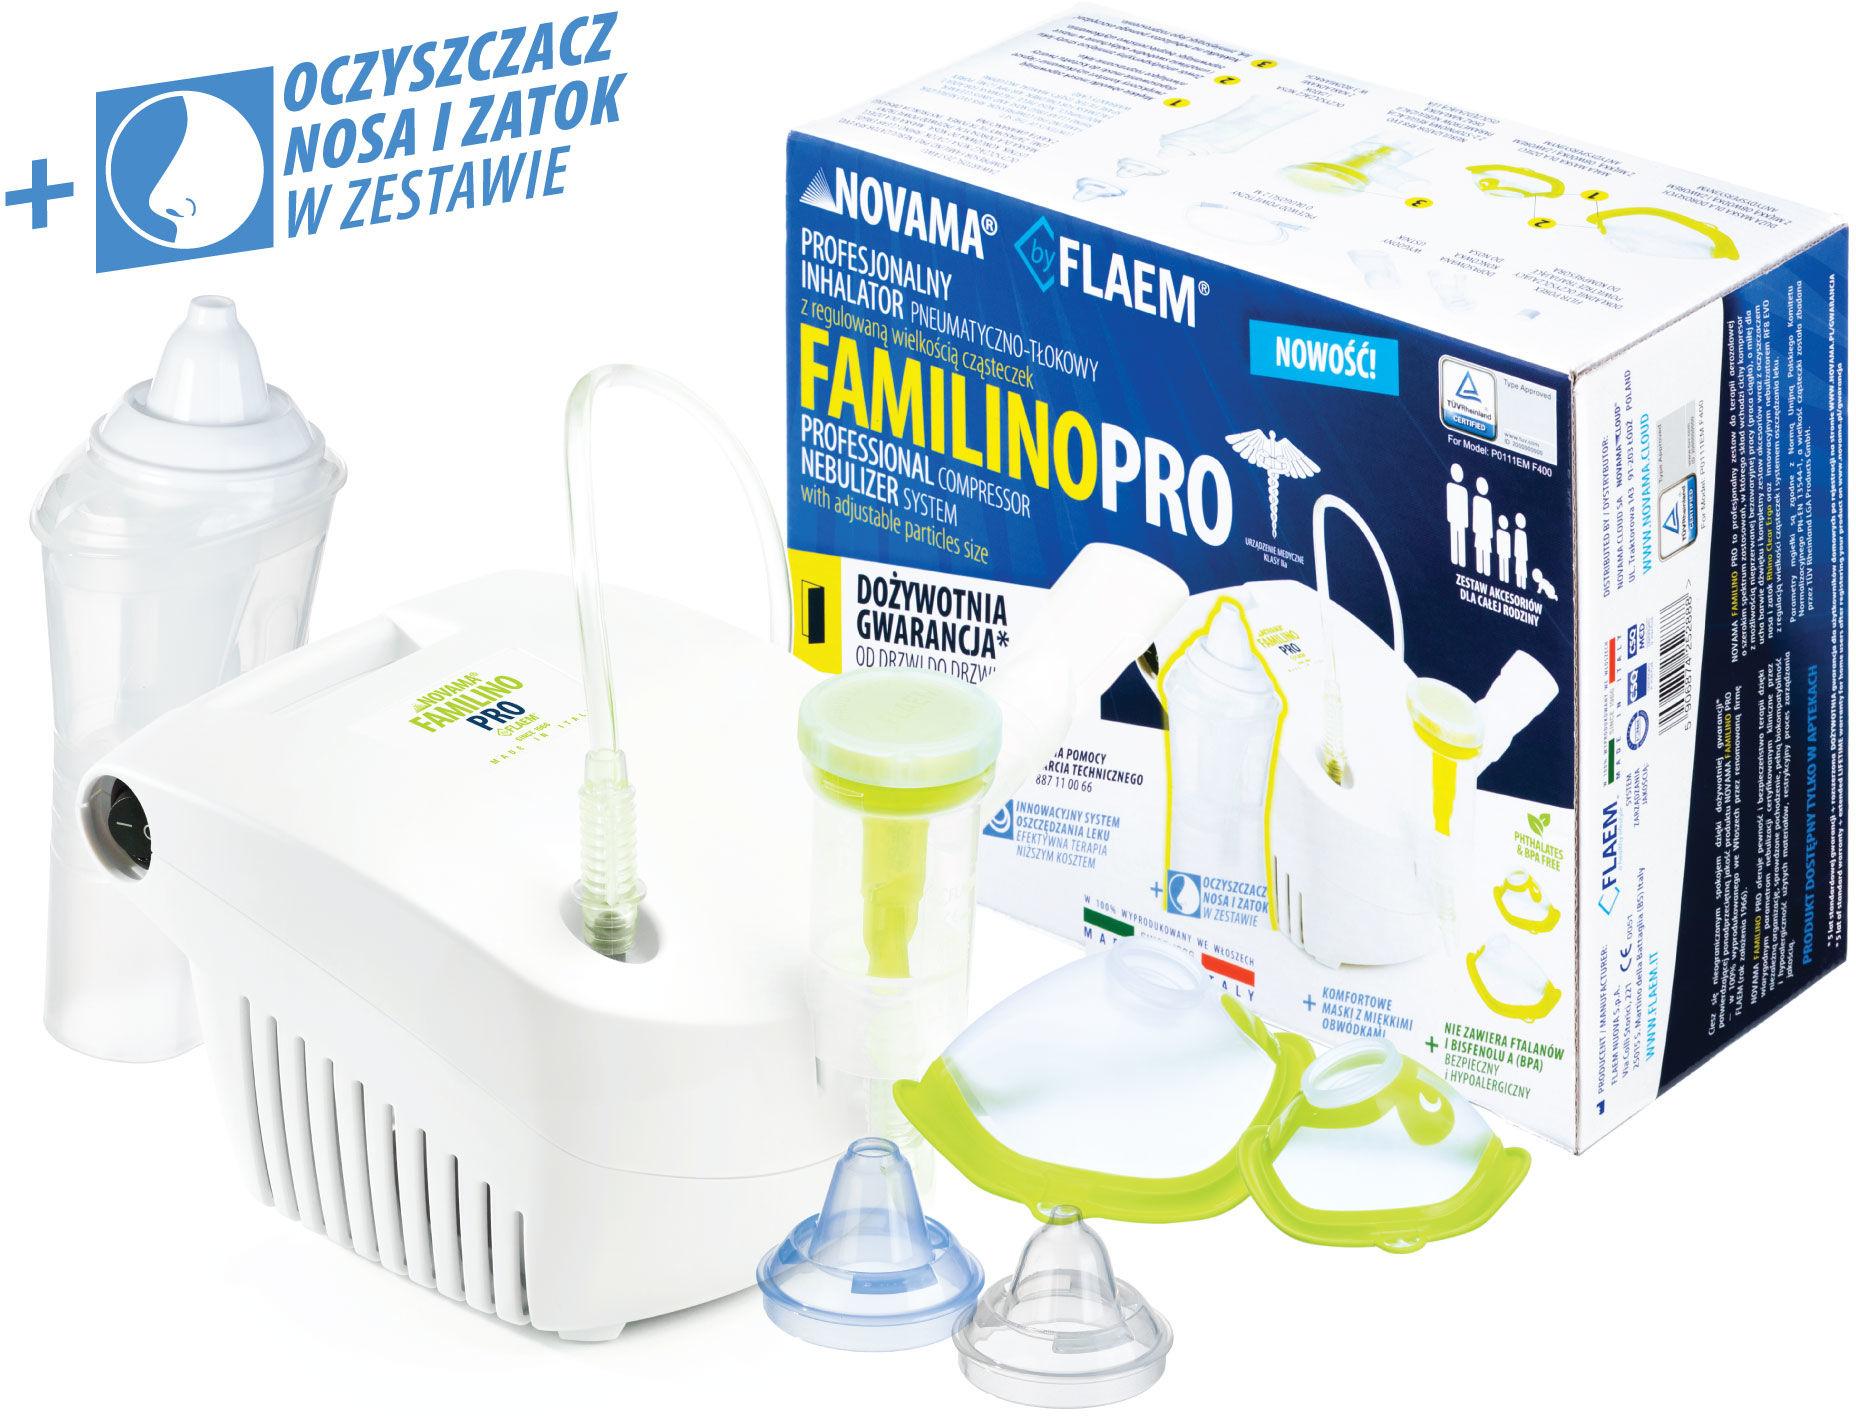 NOVAMA Familino Pro by Flaem Inhalator dolnych i górnych dróg oddechowych z dożywotnią gwarancją